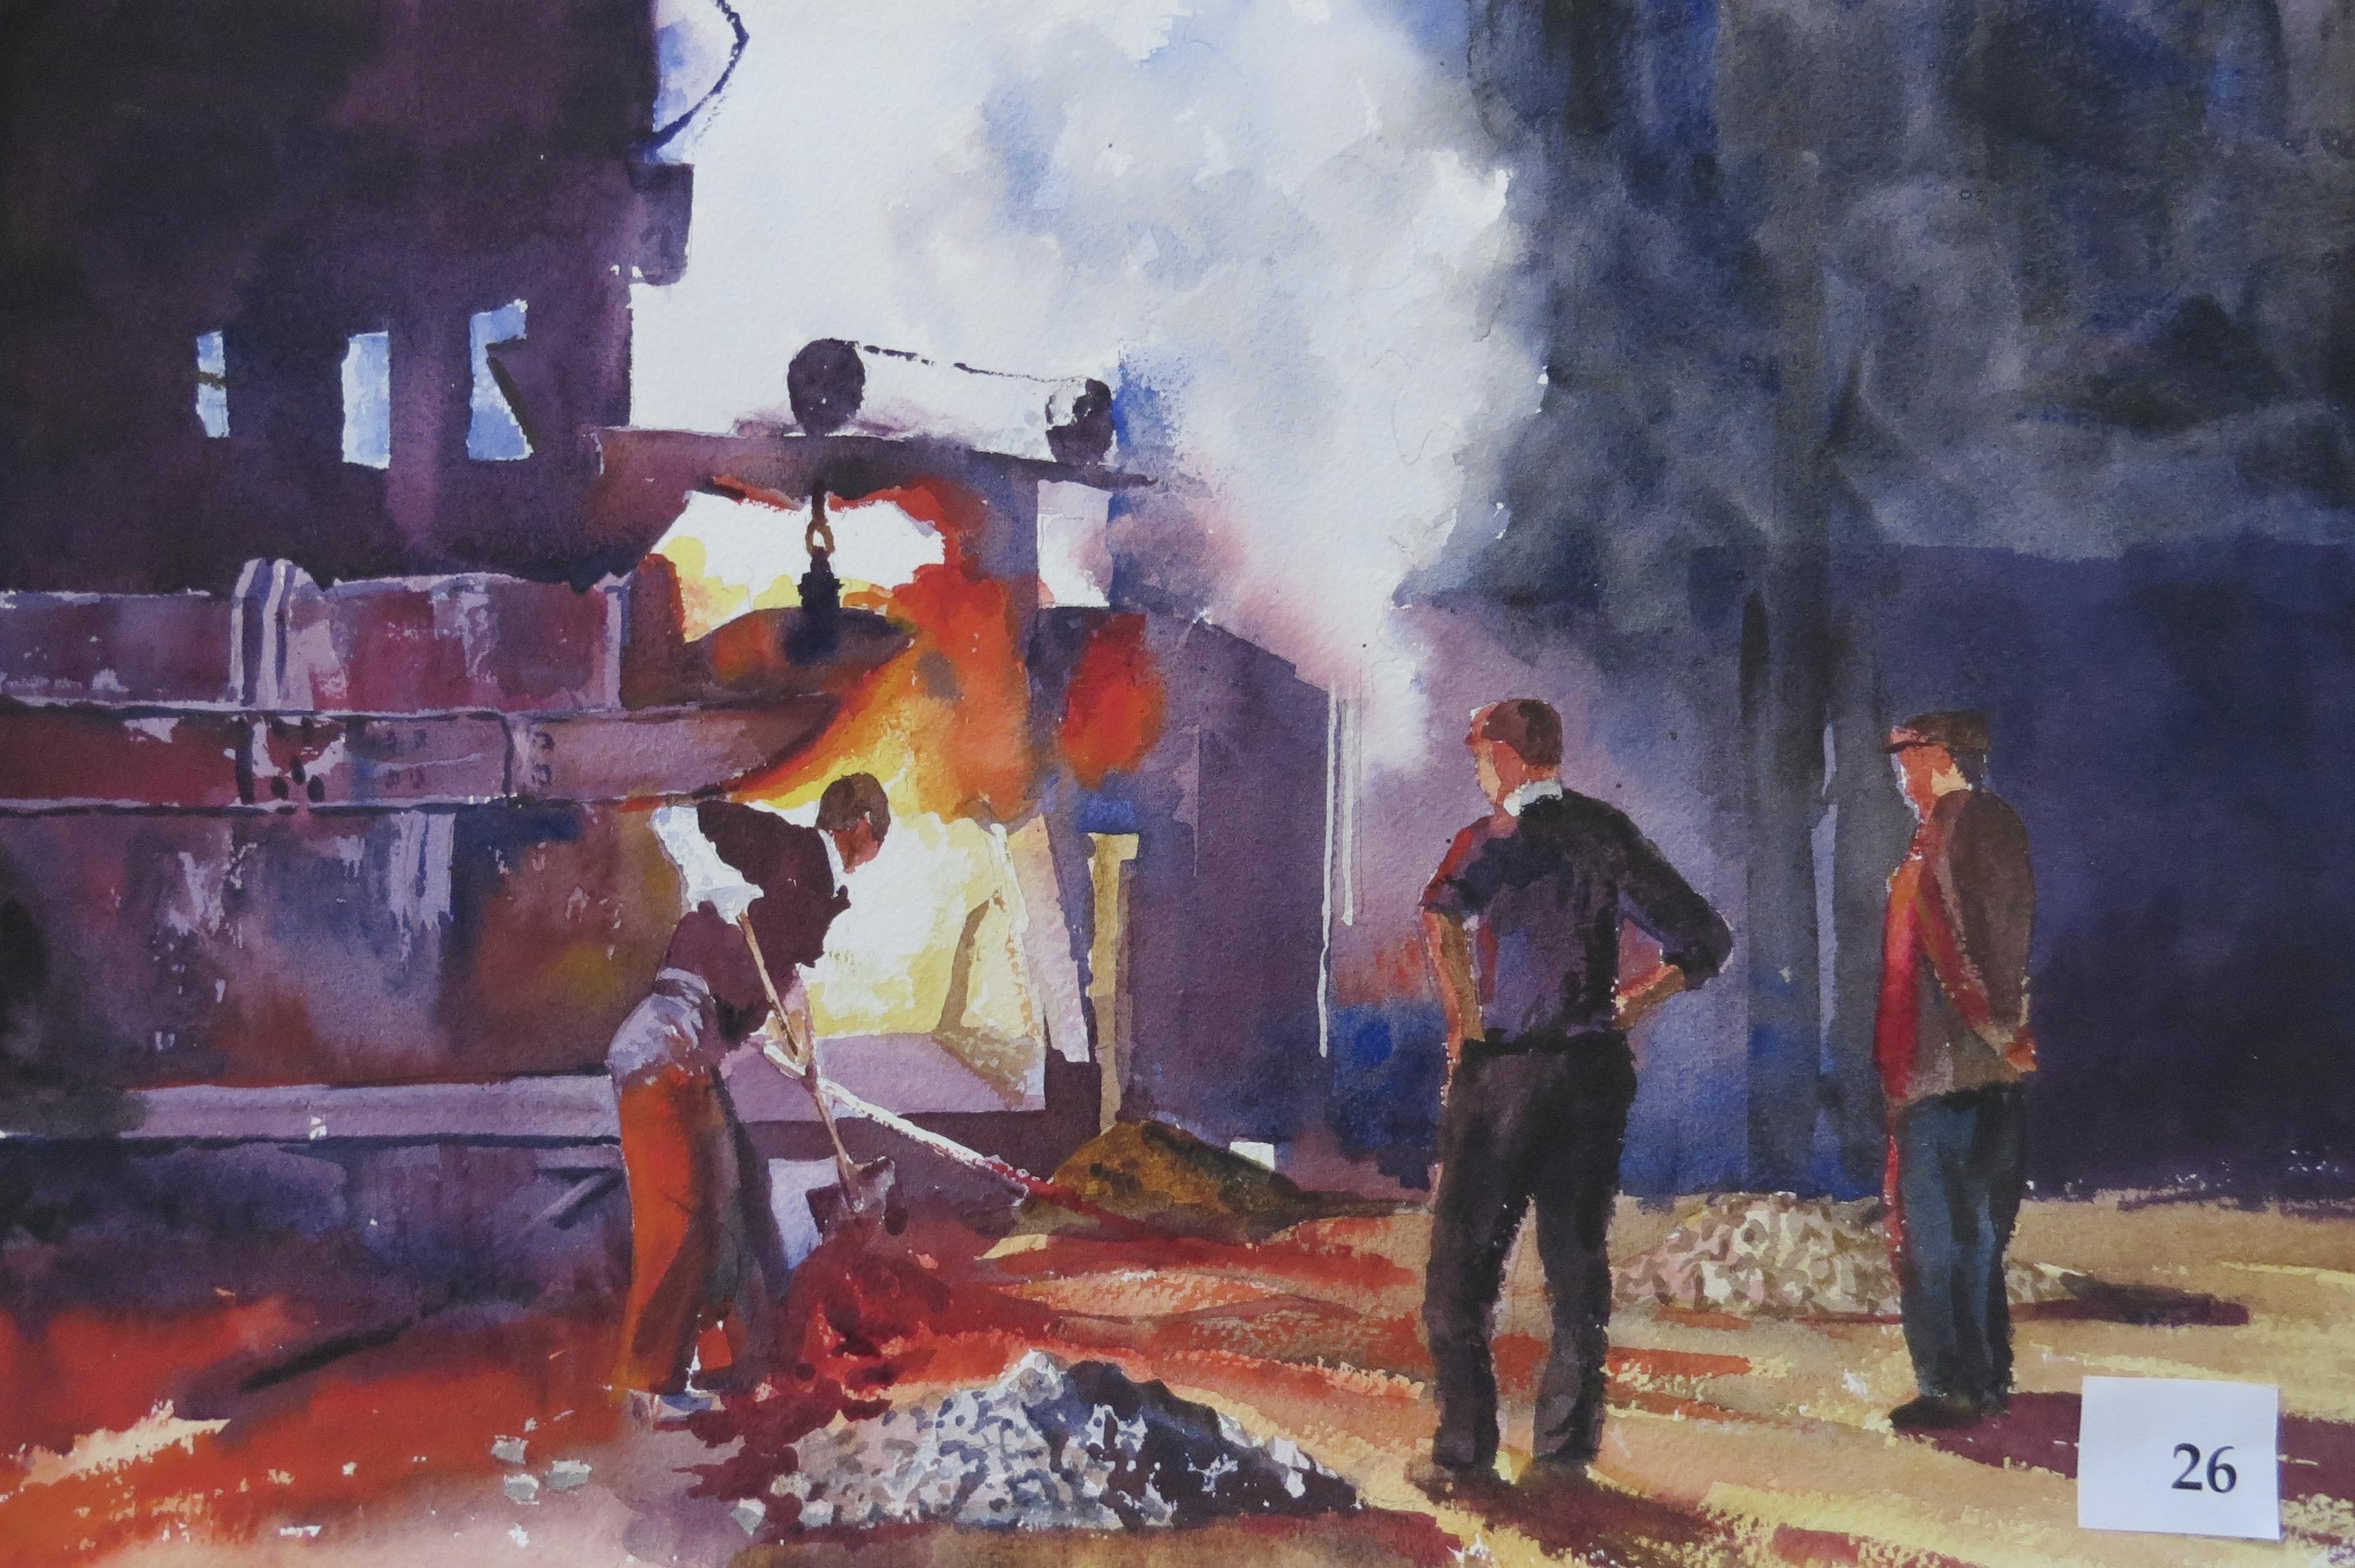 Artist Anthony Douglas Jones